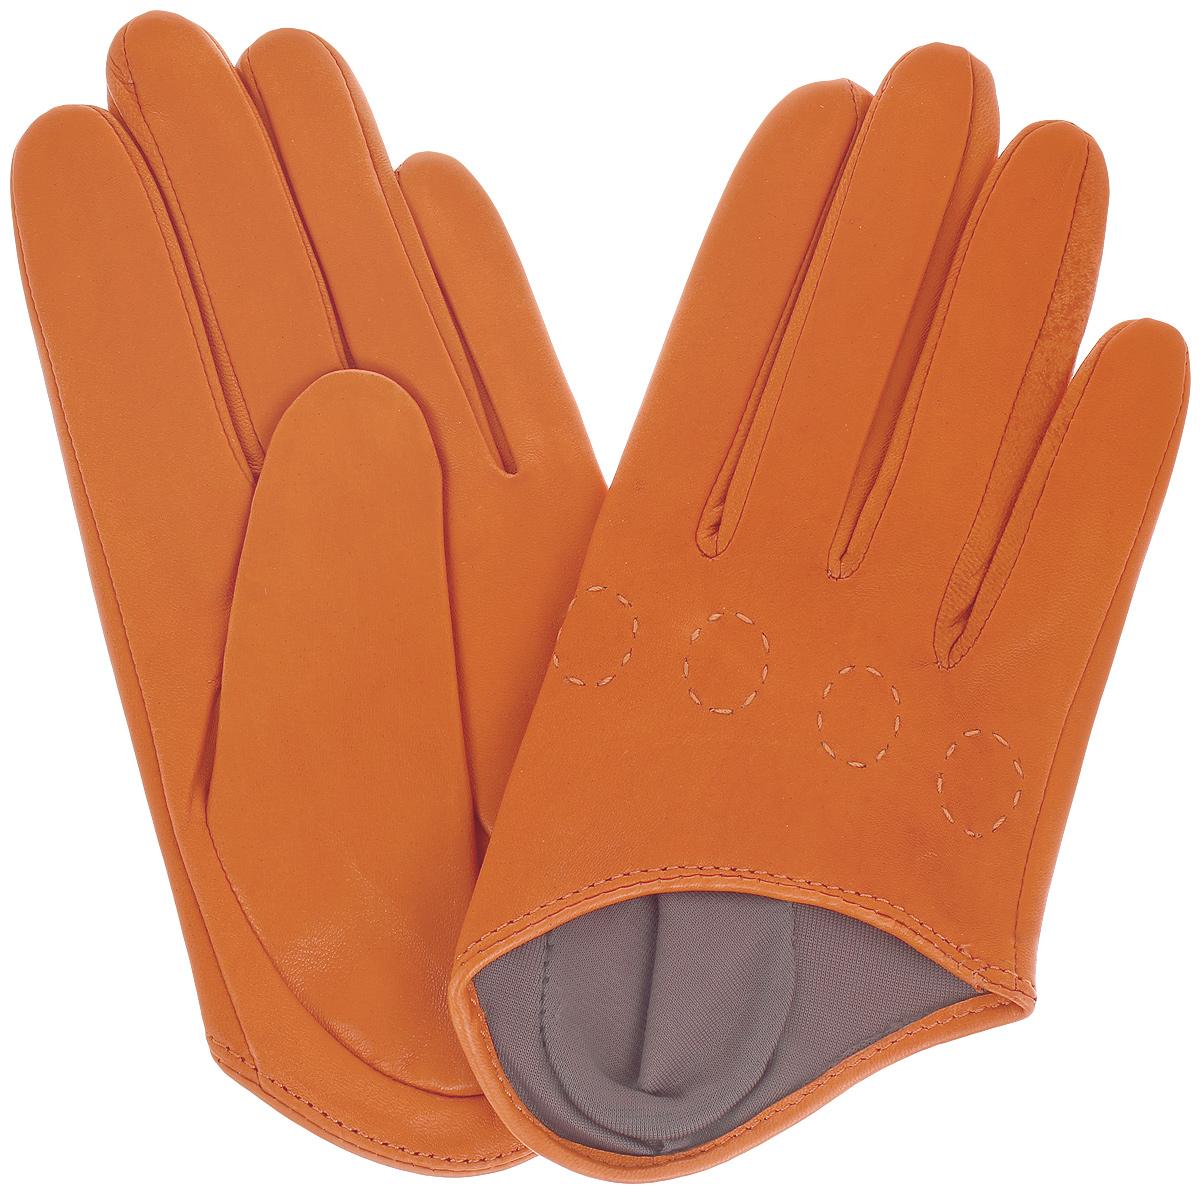 Перчатки женские. K81-IF1K81-IF1/BEСтильные перчатки Michel Katana с шелковой подкладкой выполнены из мягкой и приятной на ощупь натуральной кожи ягненка. Перчатки станут достойным элементом вашего стиля и сохранят тепло ваших рук. Это не просто модный аксессуар, но и уникальный авторский стиль, наполненный духом севера Франции.